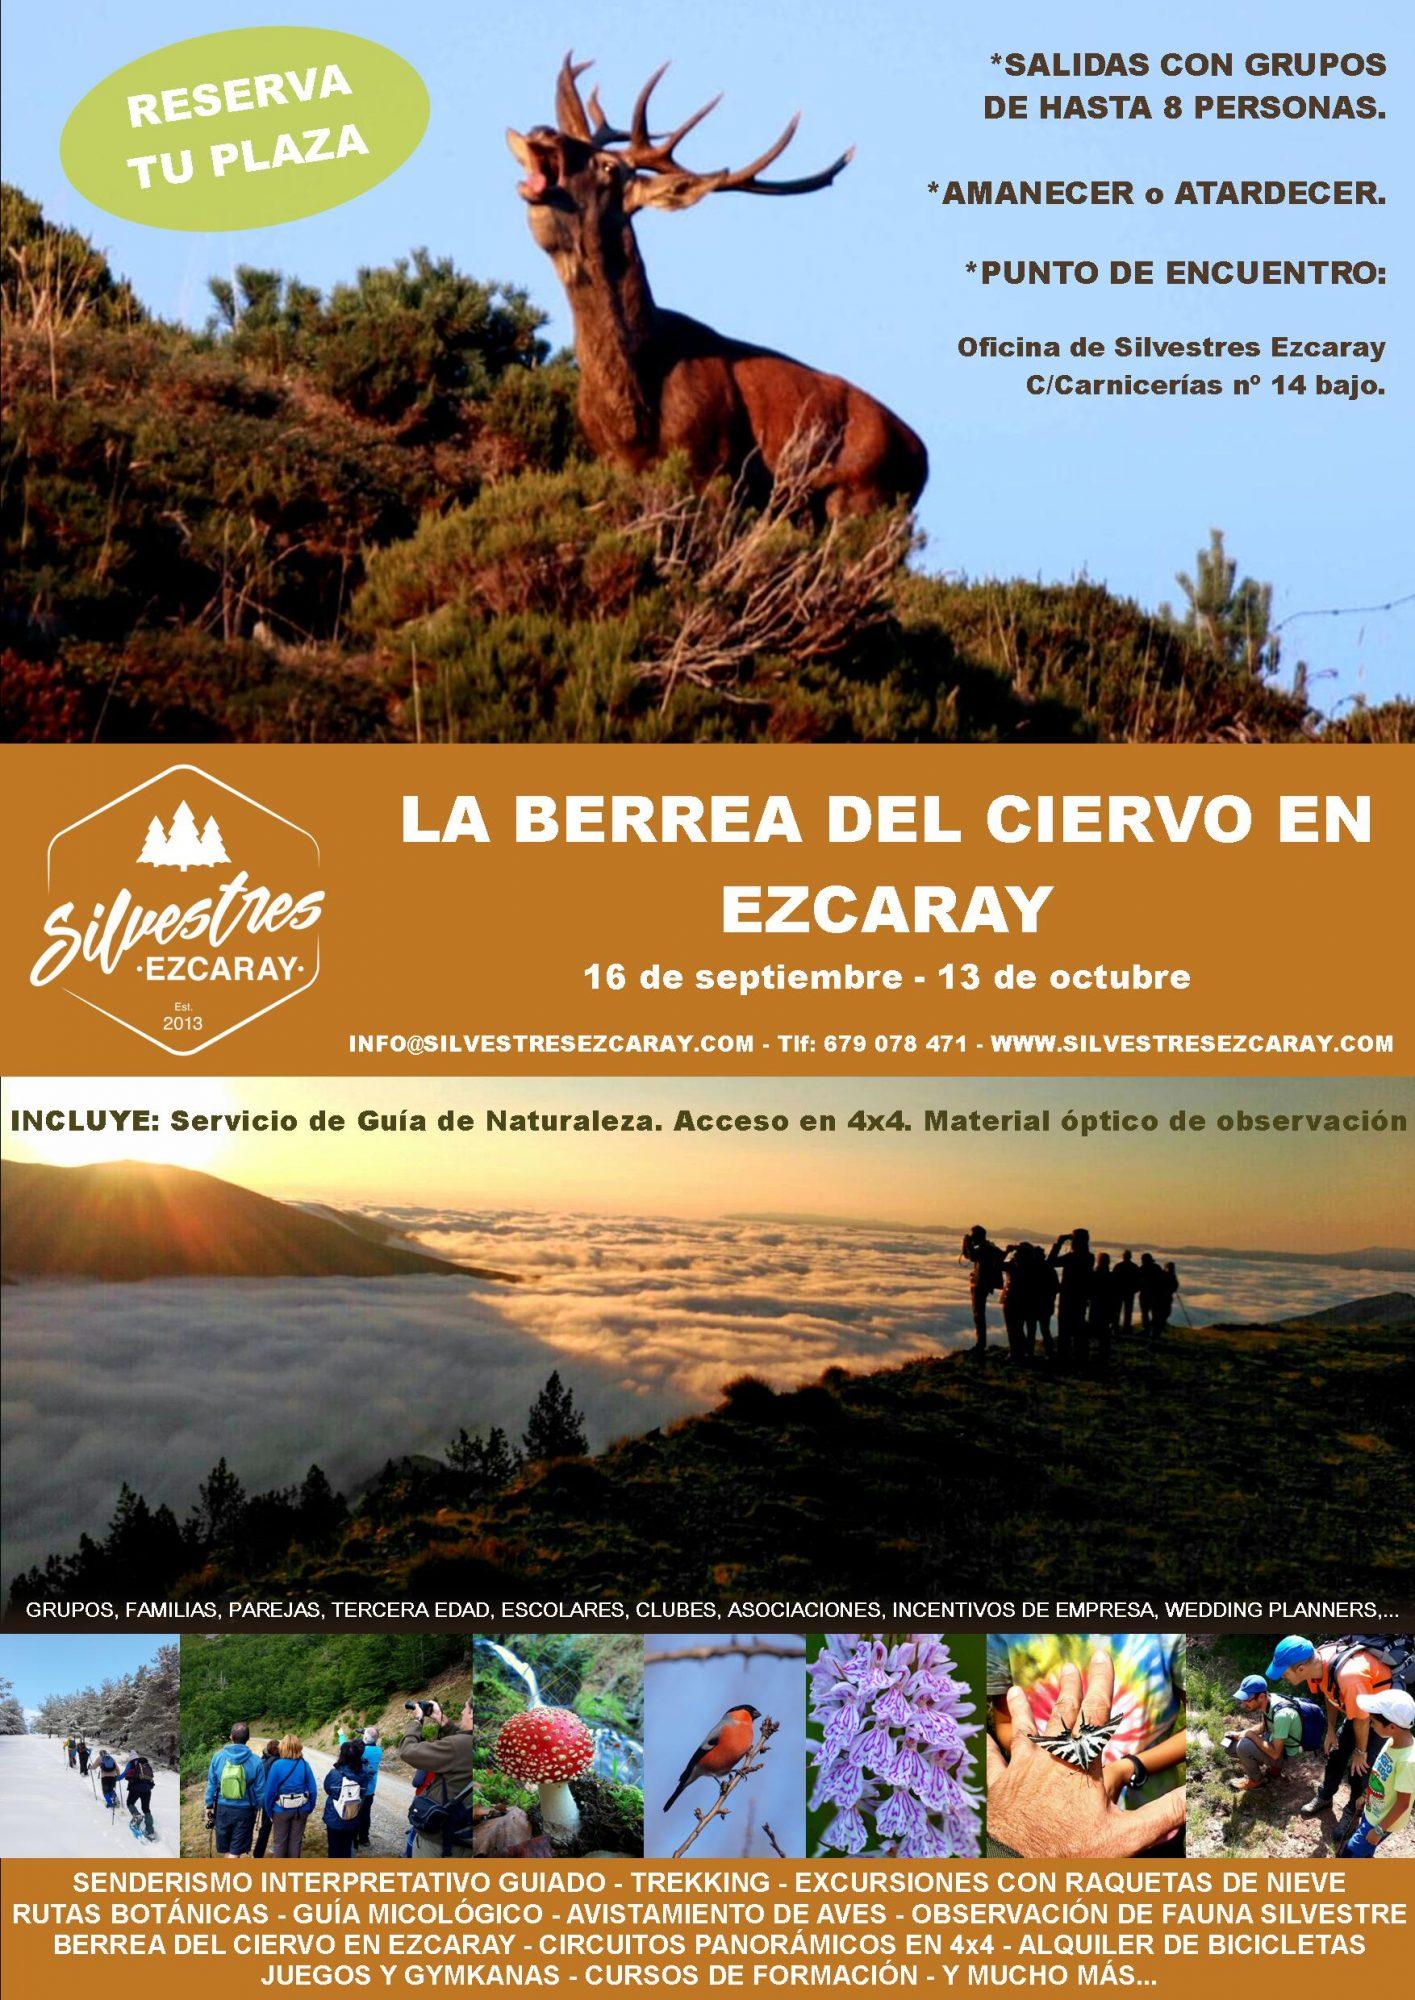 BERREA_CIERVO_EZCARAY_EXPERIENCIAS_OTOÑO_LA_RIOJA_ACTIVIDADES